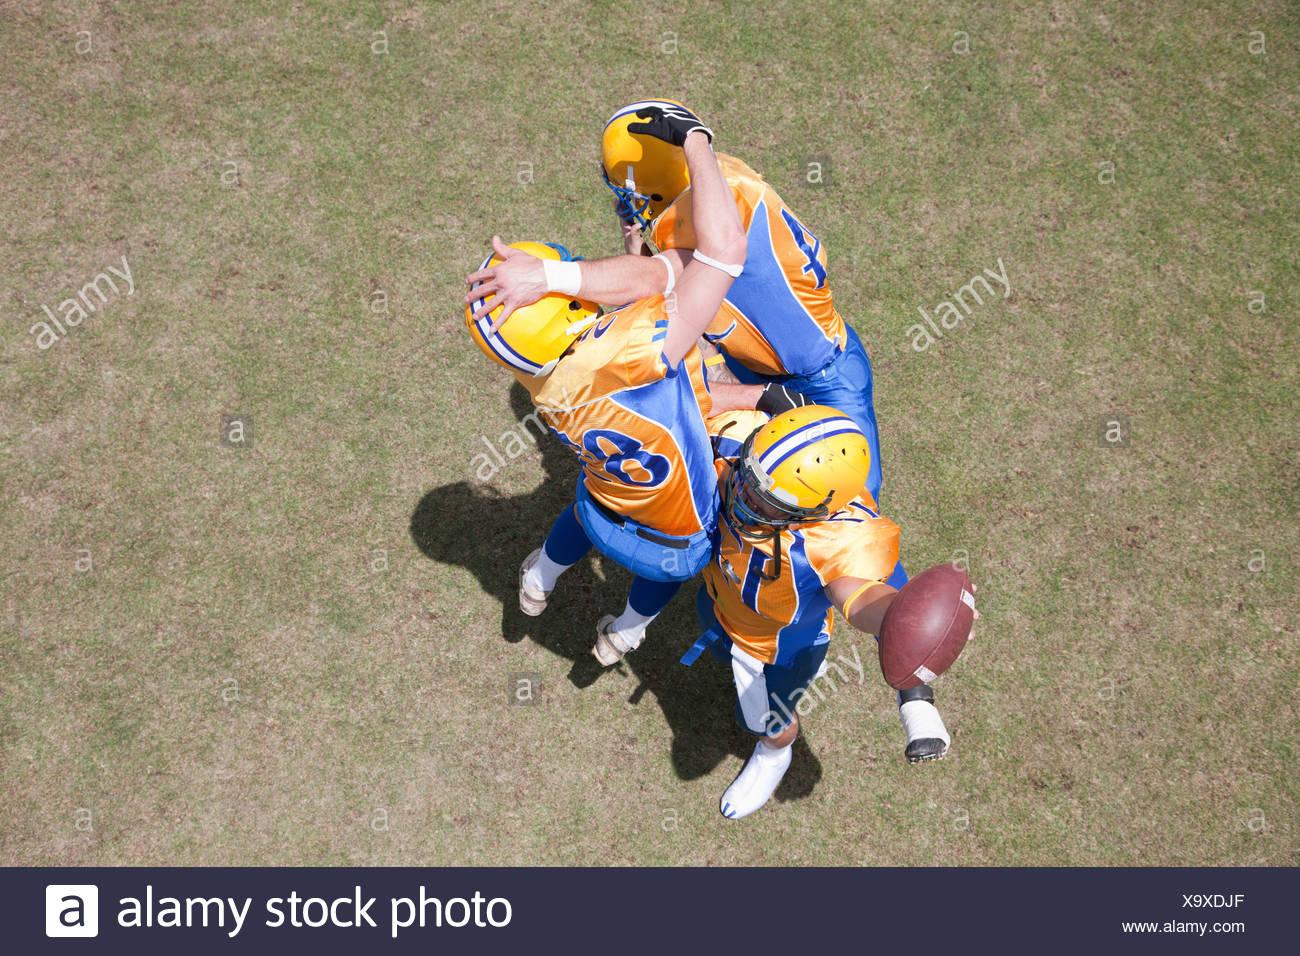 Gewinner-Football-Spieler jubeln Stockbild